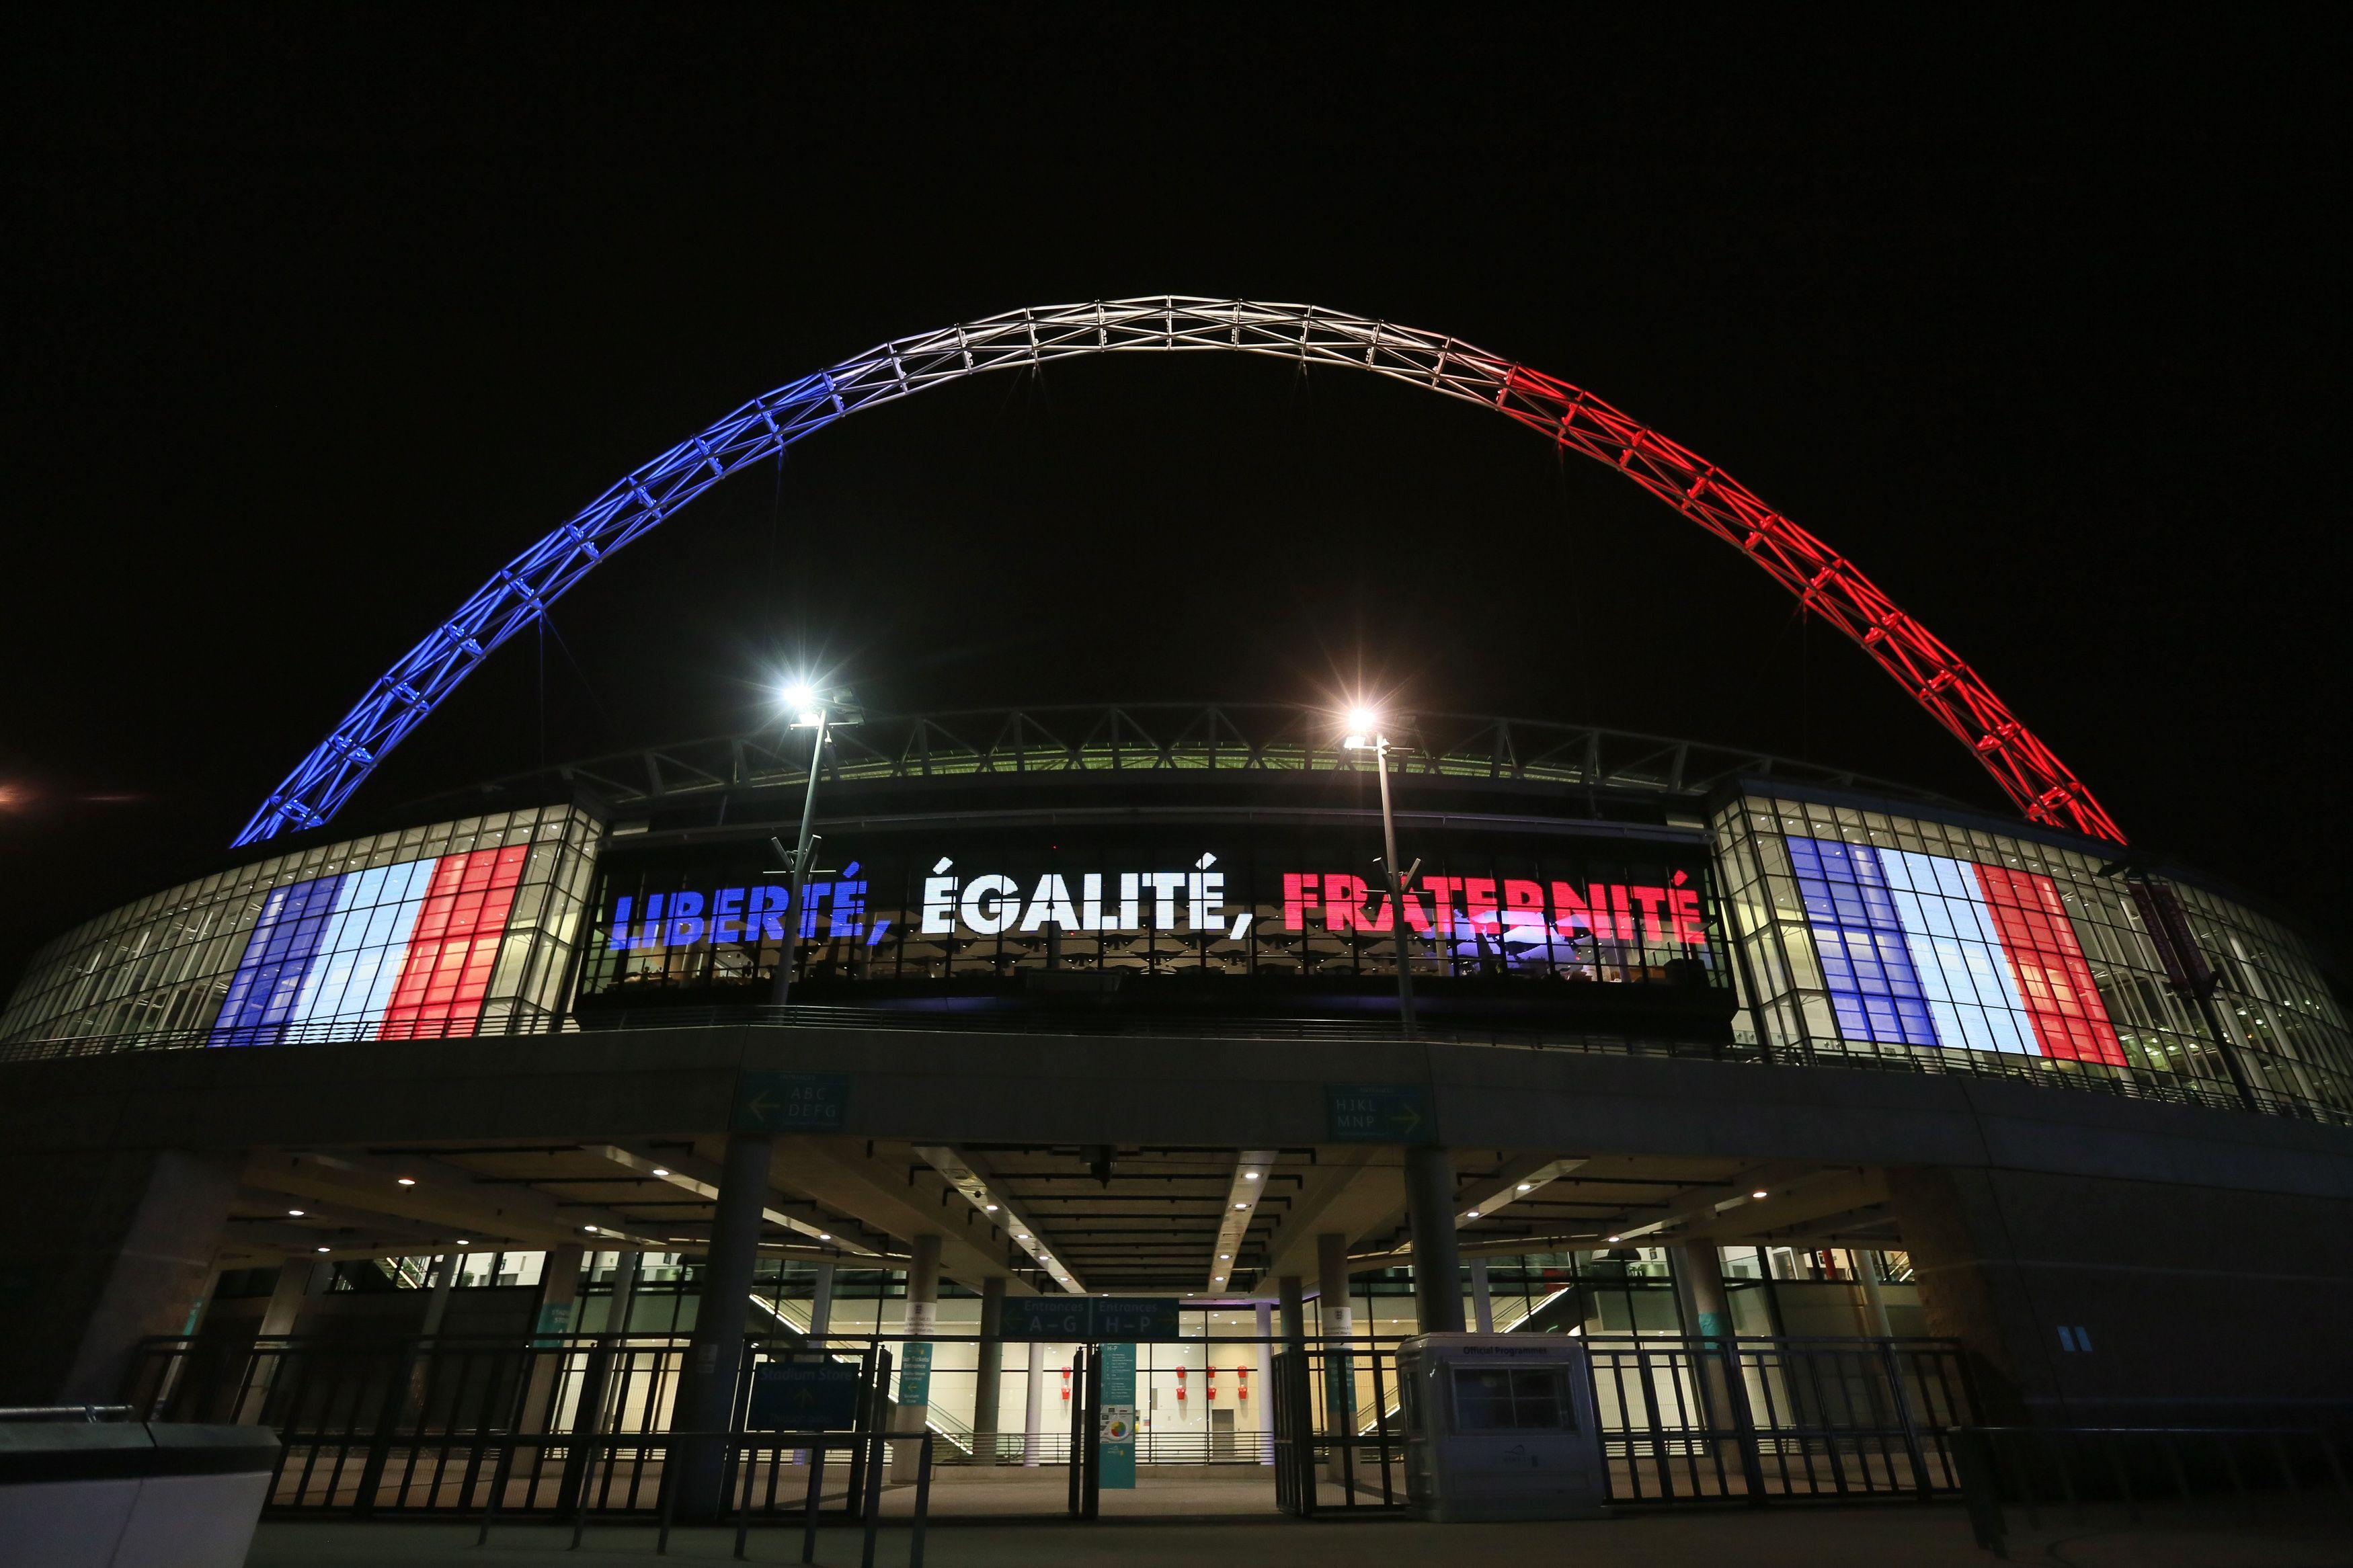 Angleterre-France : un match sans enjeu, devenu symbolique, suite aux attaques de Paris